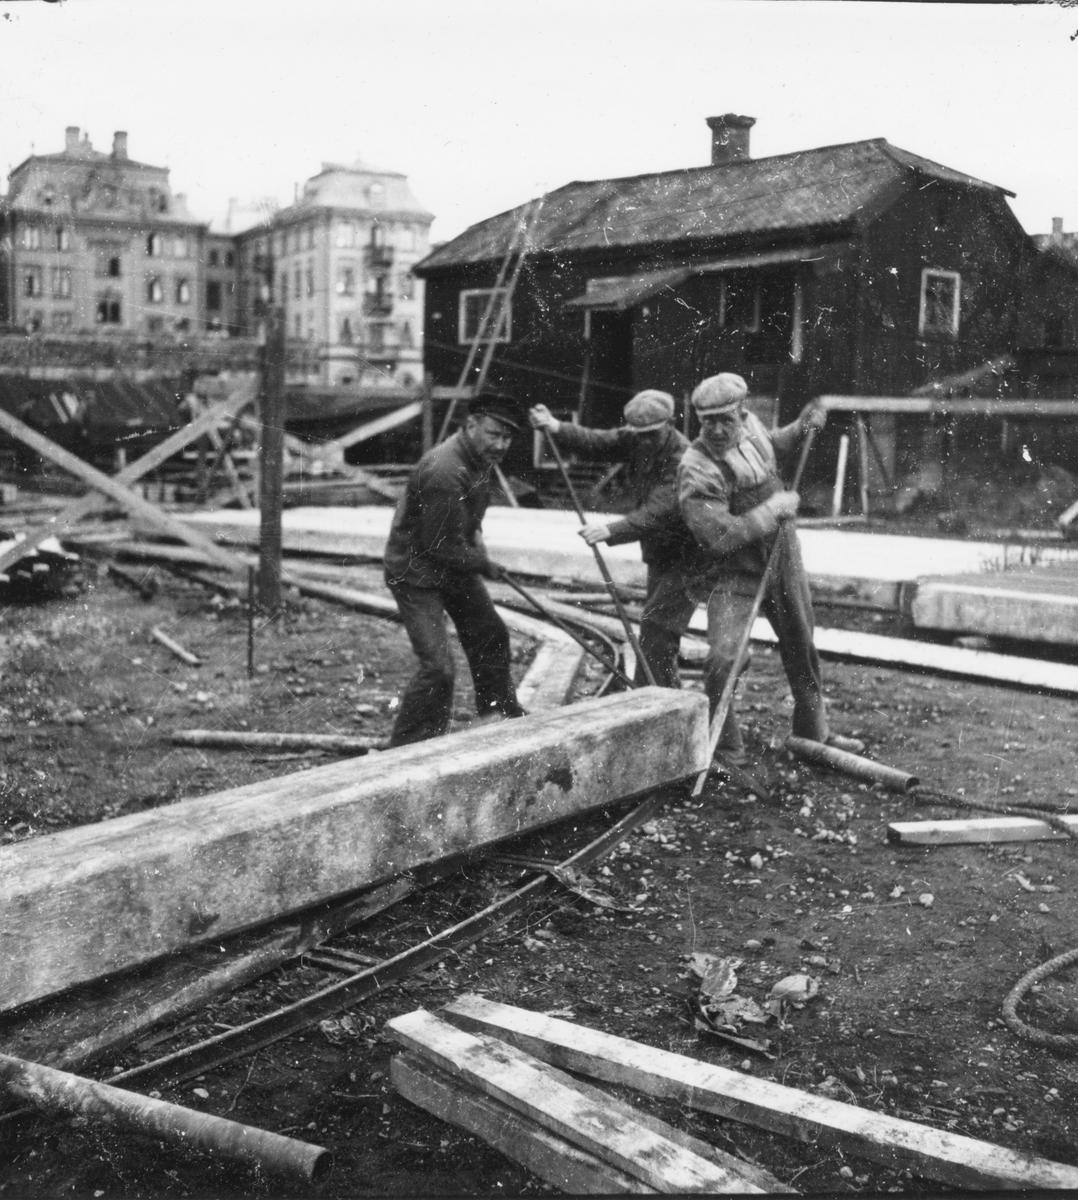 Bild tagen i samband med arbetet att uppföra Gävle Museum åren 1938-40. I bakgrunden syns Grand Hotell på andra sidan Gavleån.